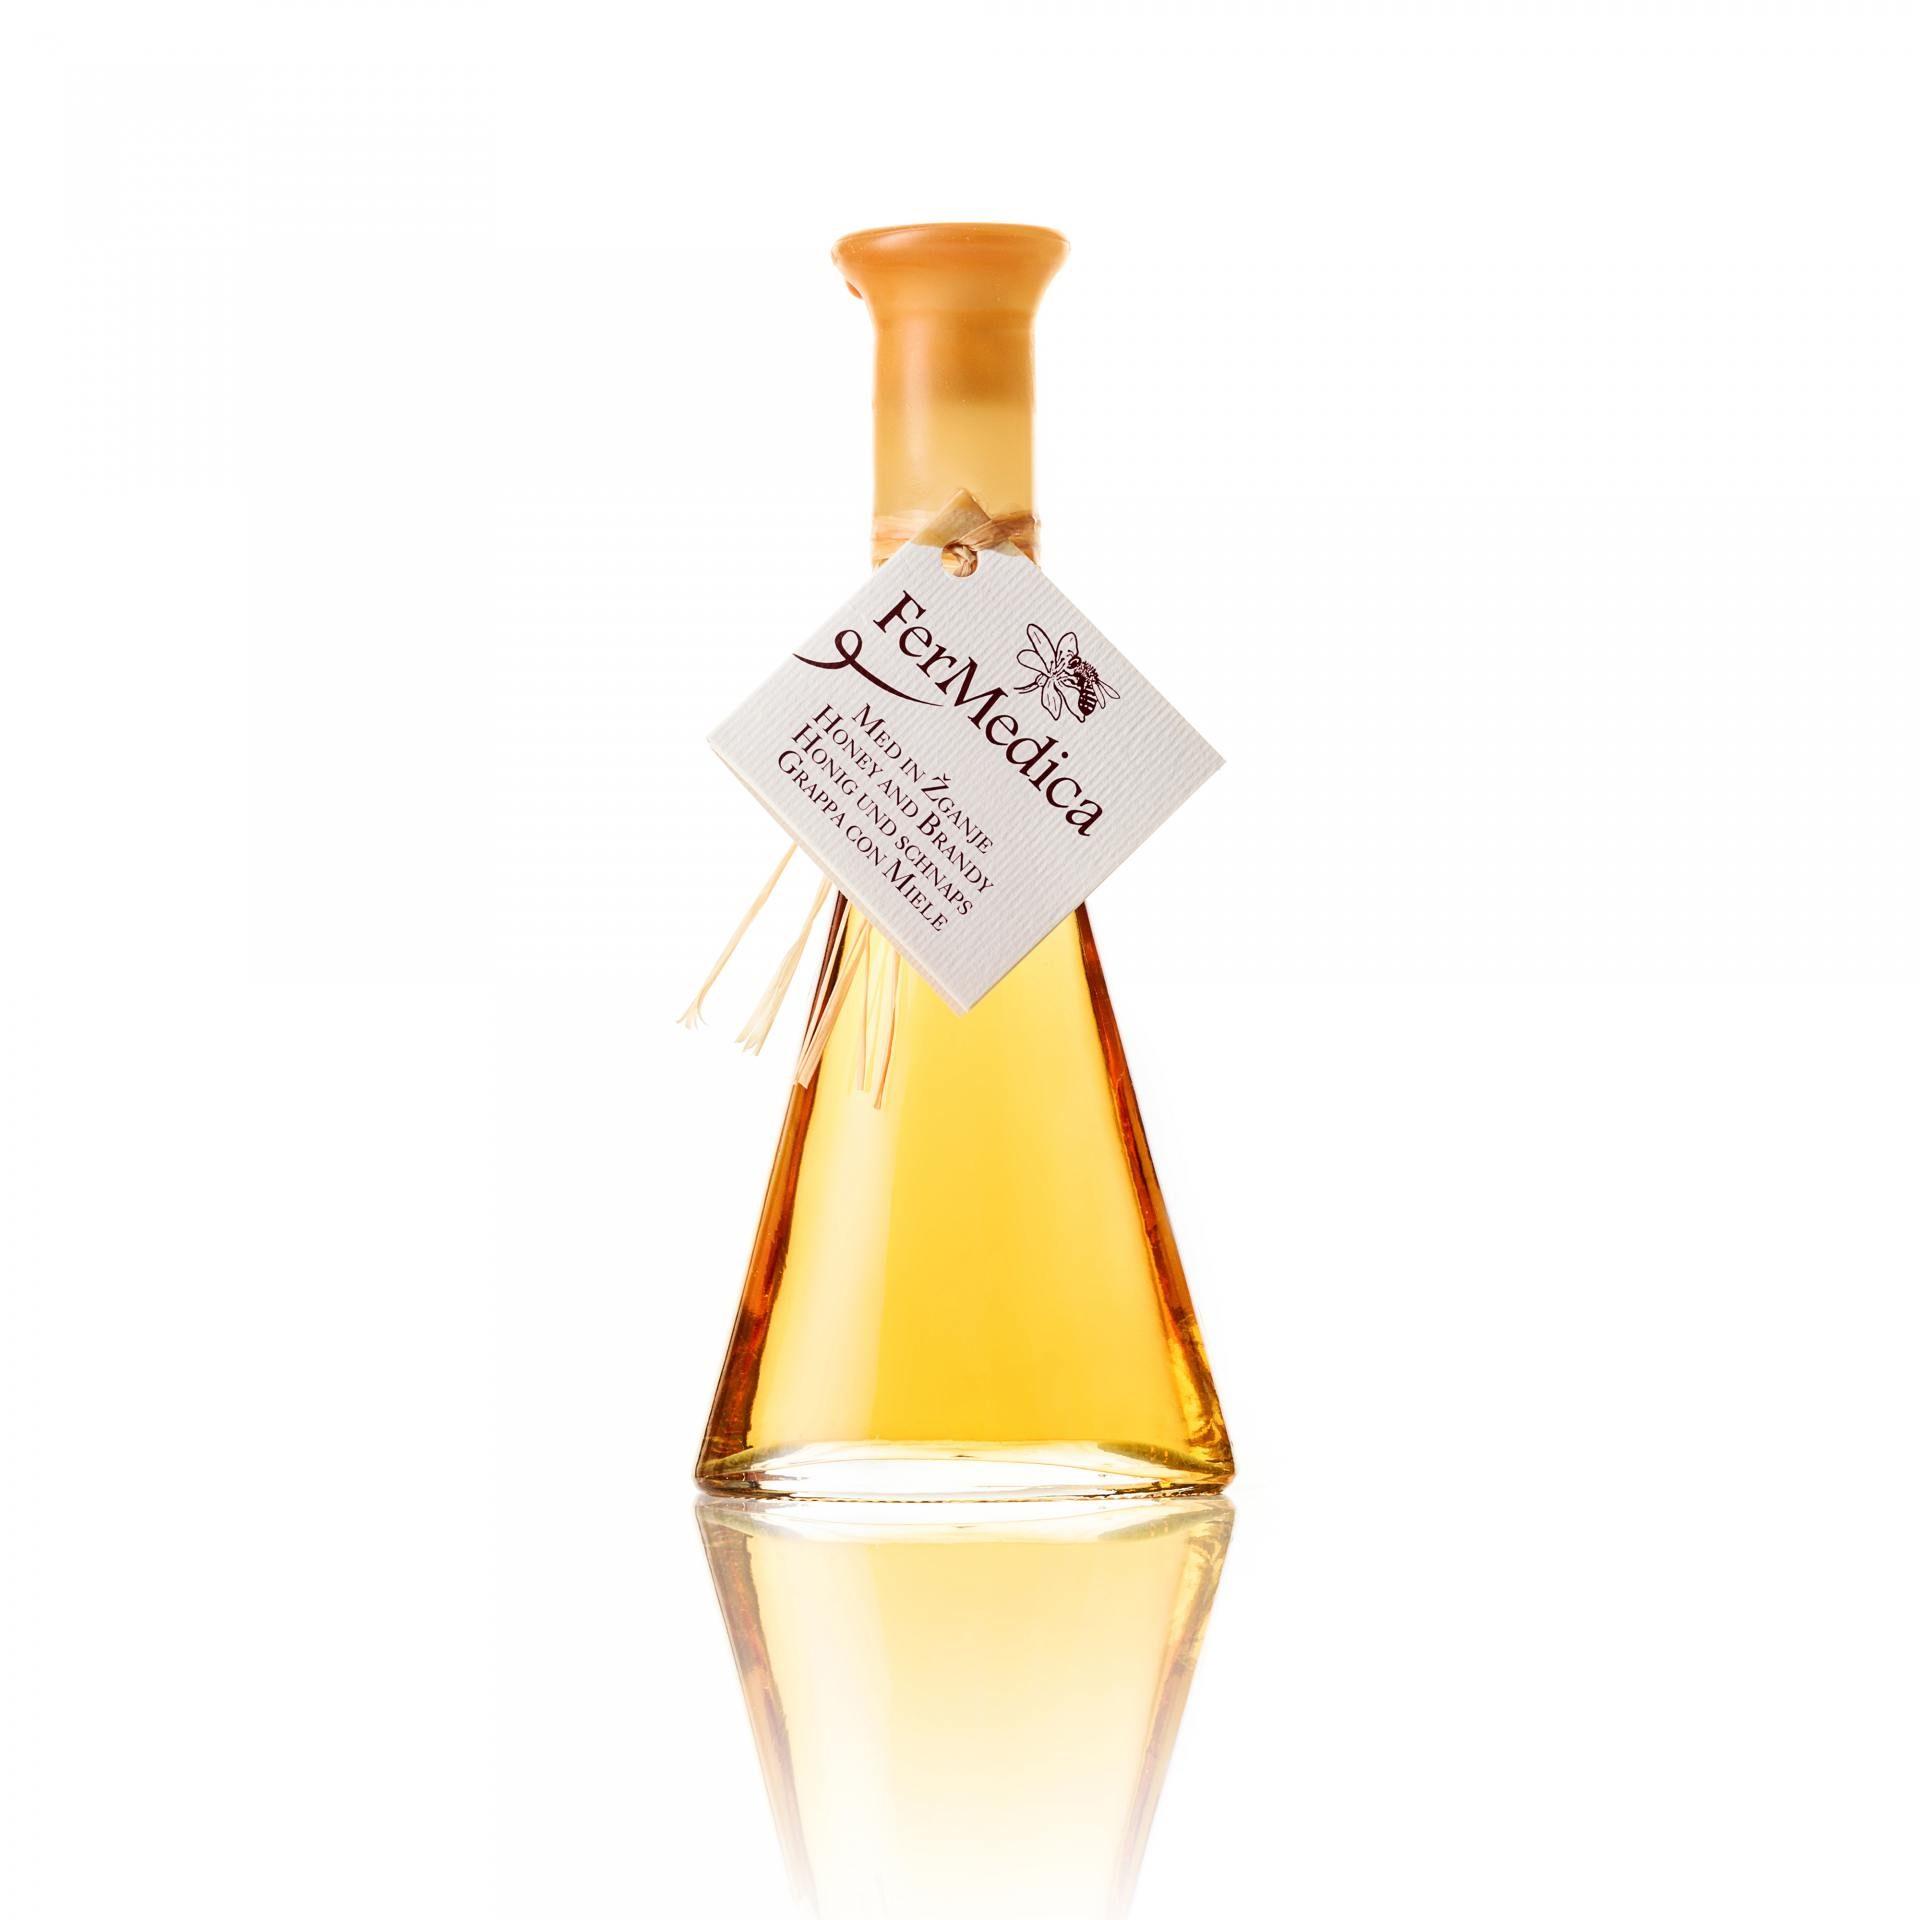 Med in žganje, med z dodatki, darilni seti v lični embalaži fermedica 25